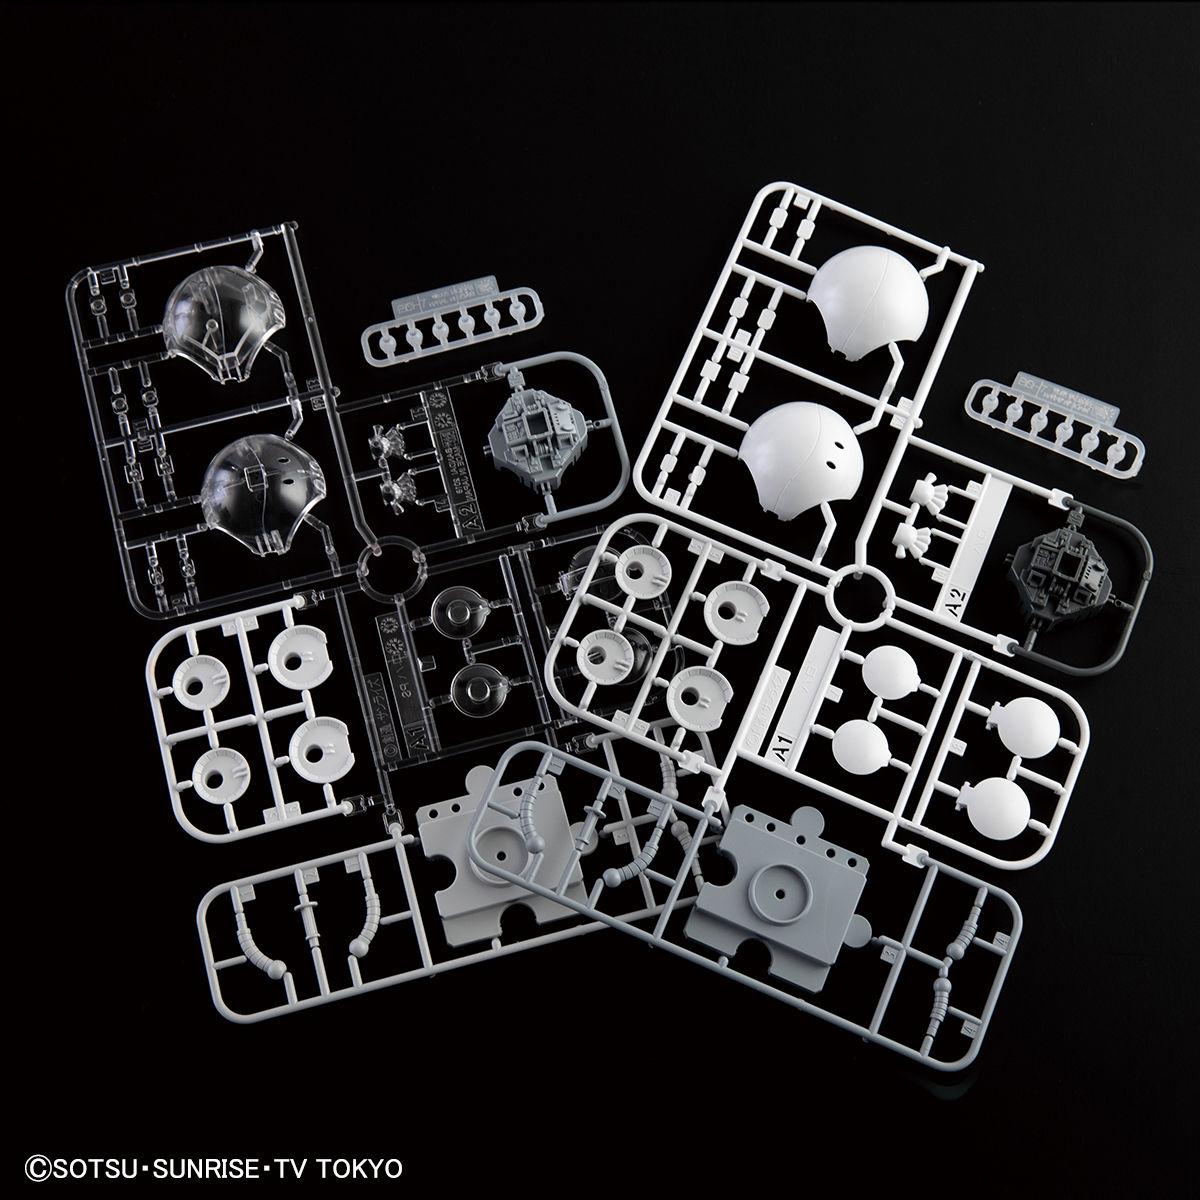 ハロプラ ガンダムベース限定 ハロ[ペインティングモデル] クリア&ホワイト 商品画像